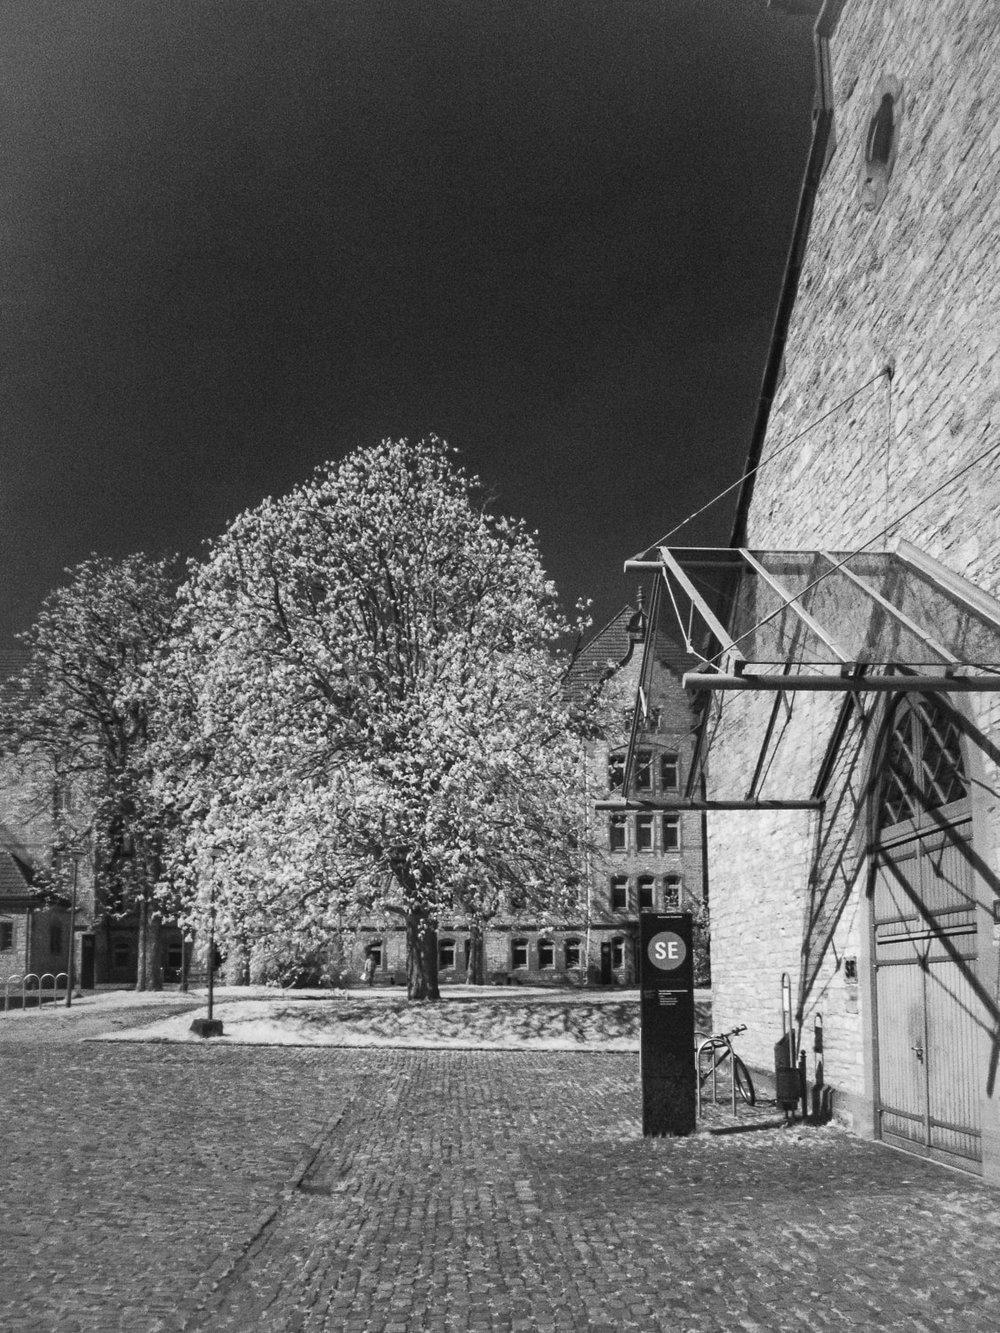 04.11.11.39.15 - IR Osnabrück.jpg